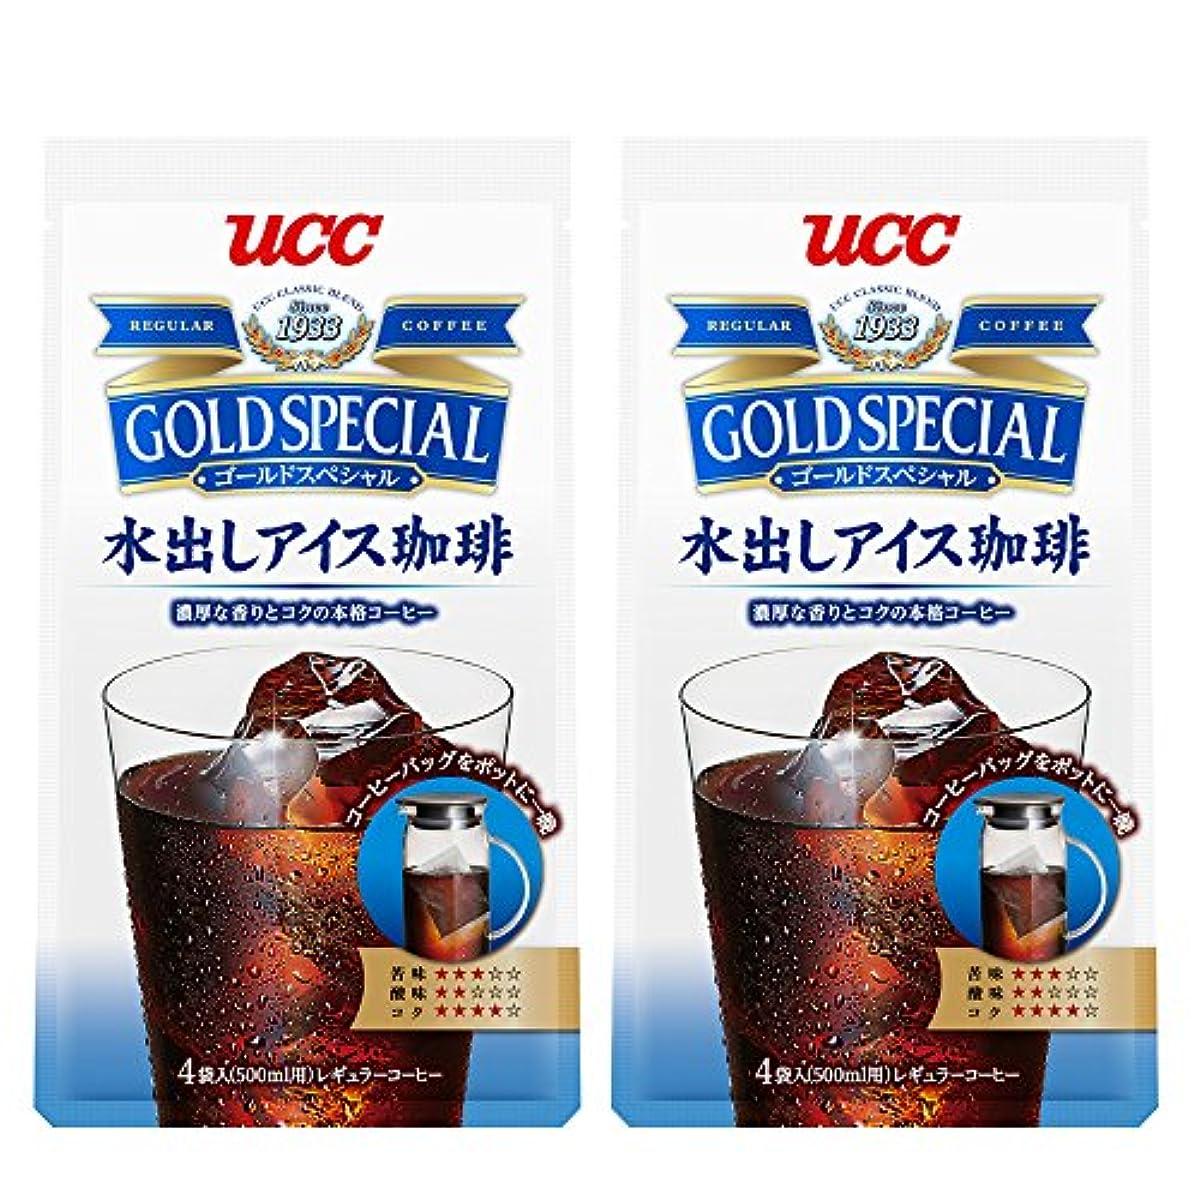 [해외] UCC 골드스페셜 아이스 커피 커피팩 (4개입x2봉지)